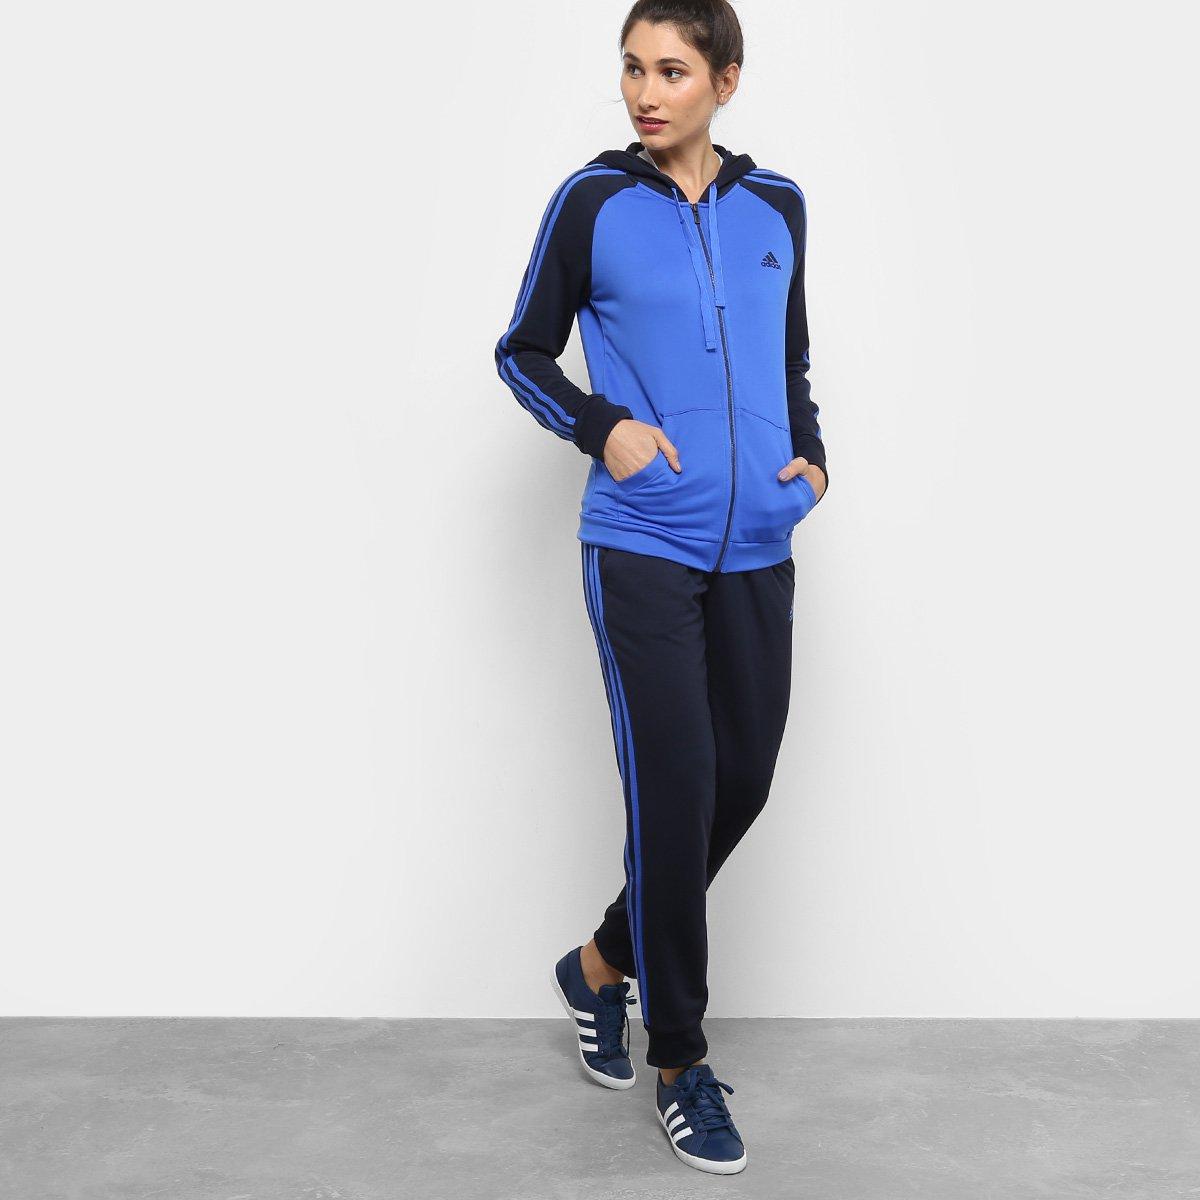 3bf57e90722 Agasalho Adidas Refocus Feminino - Azul e Marinho - Compre Agora ...